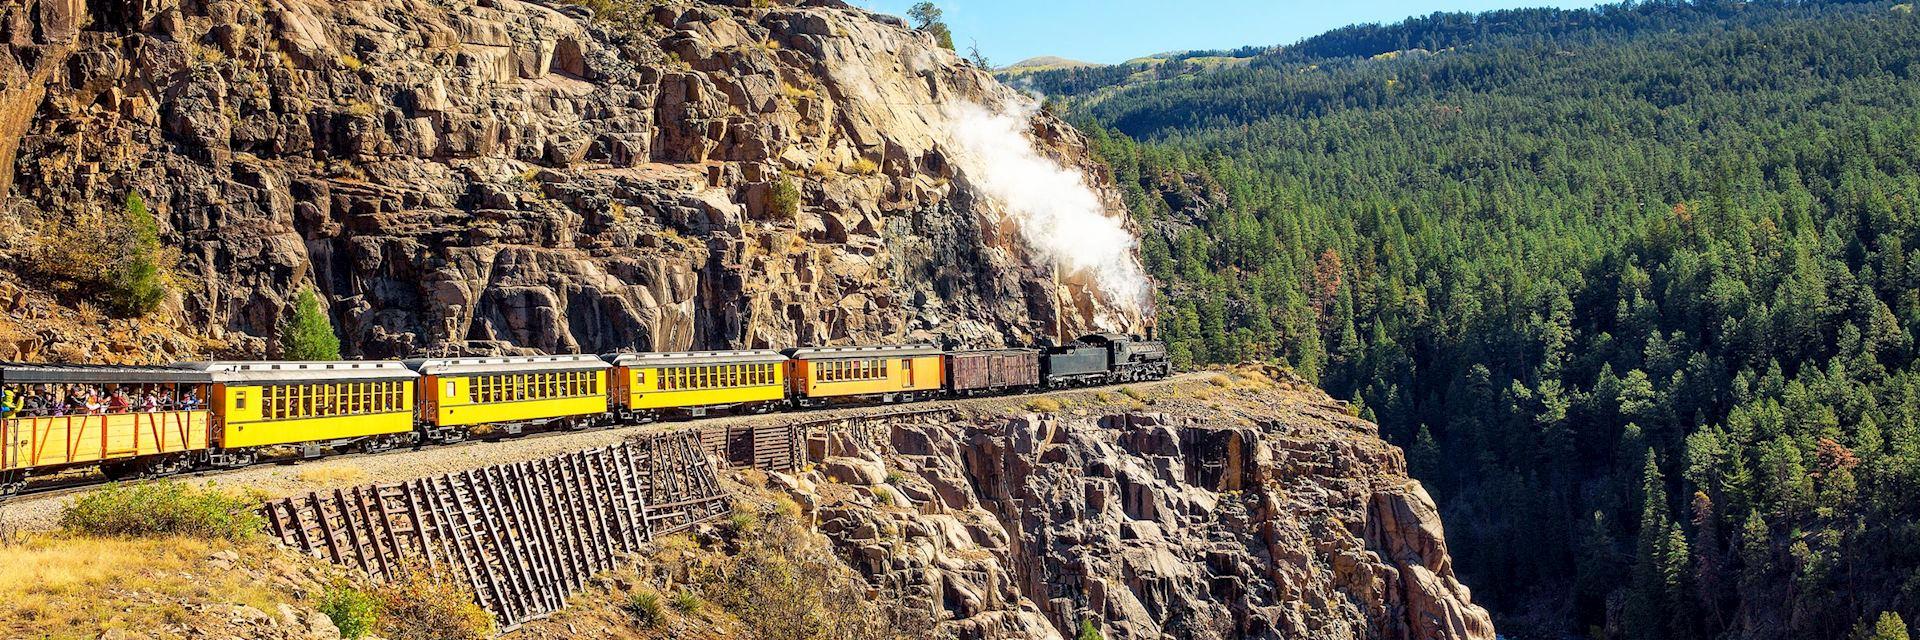 Durango and Silverton historic steam train, Colorado